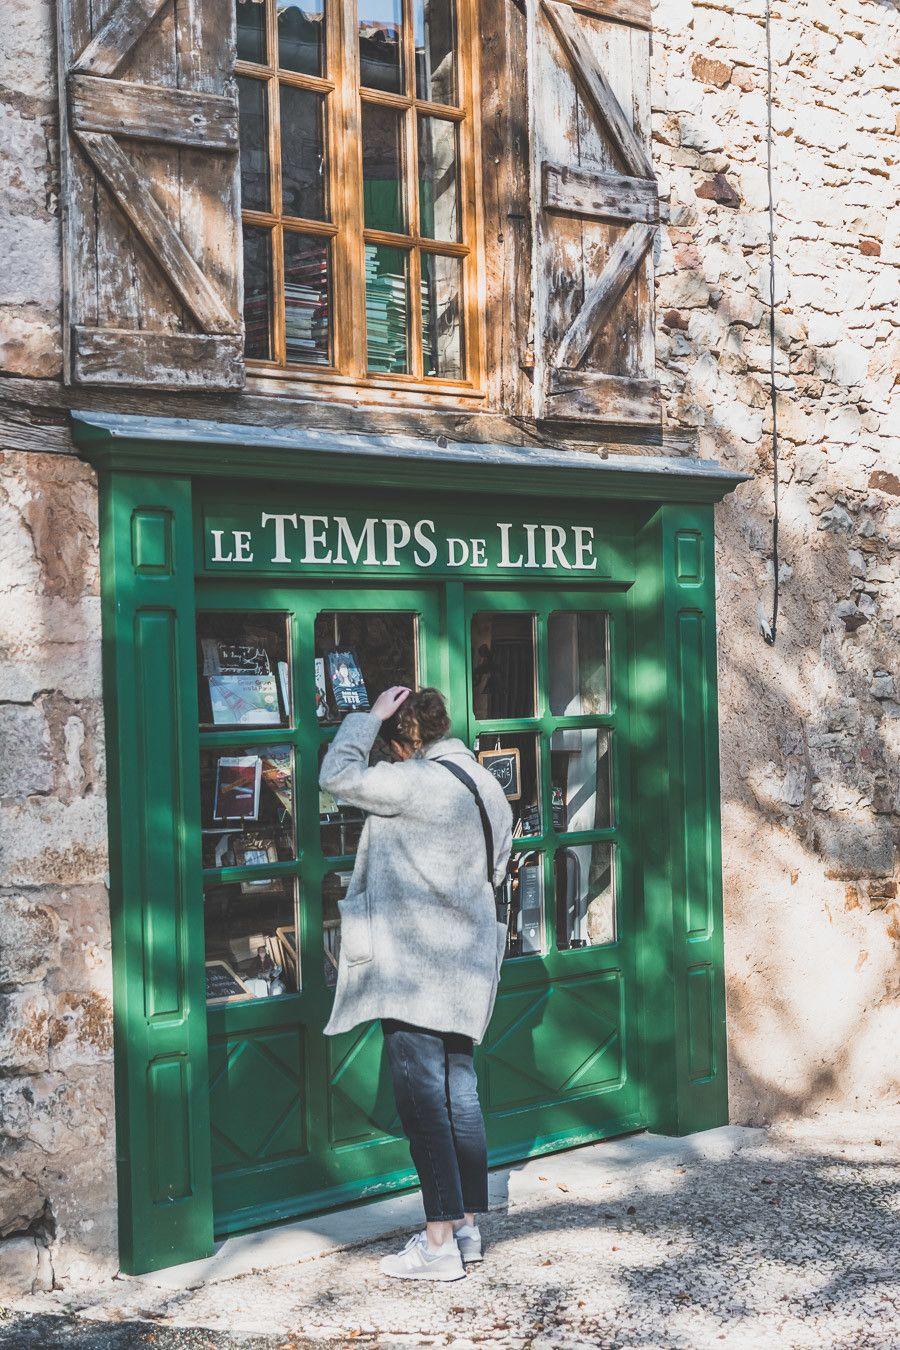 Façade d'une librairie à Puycelsi